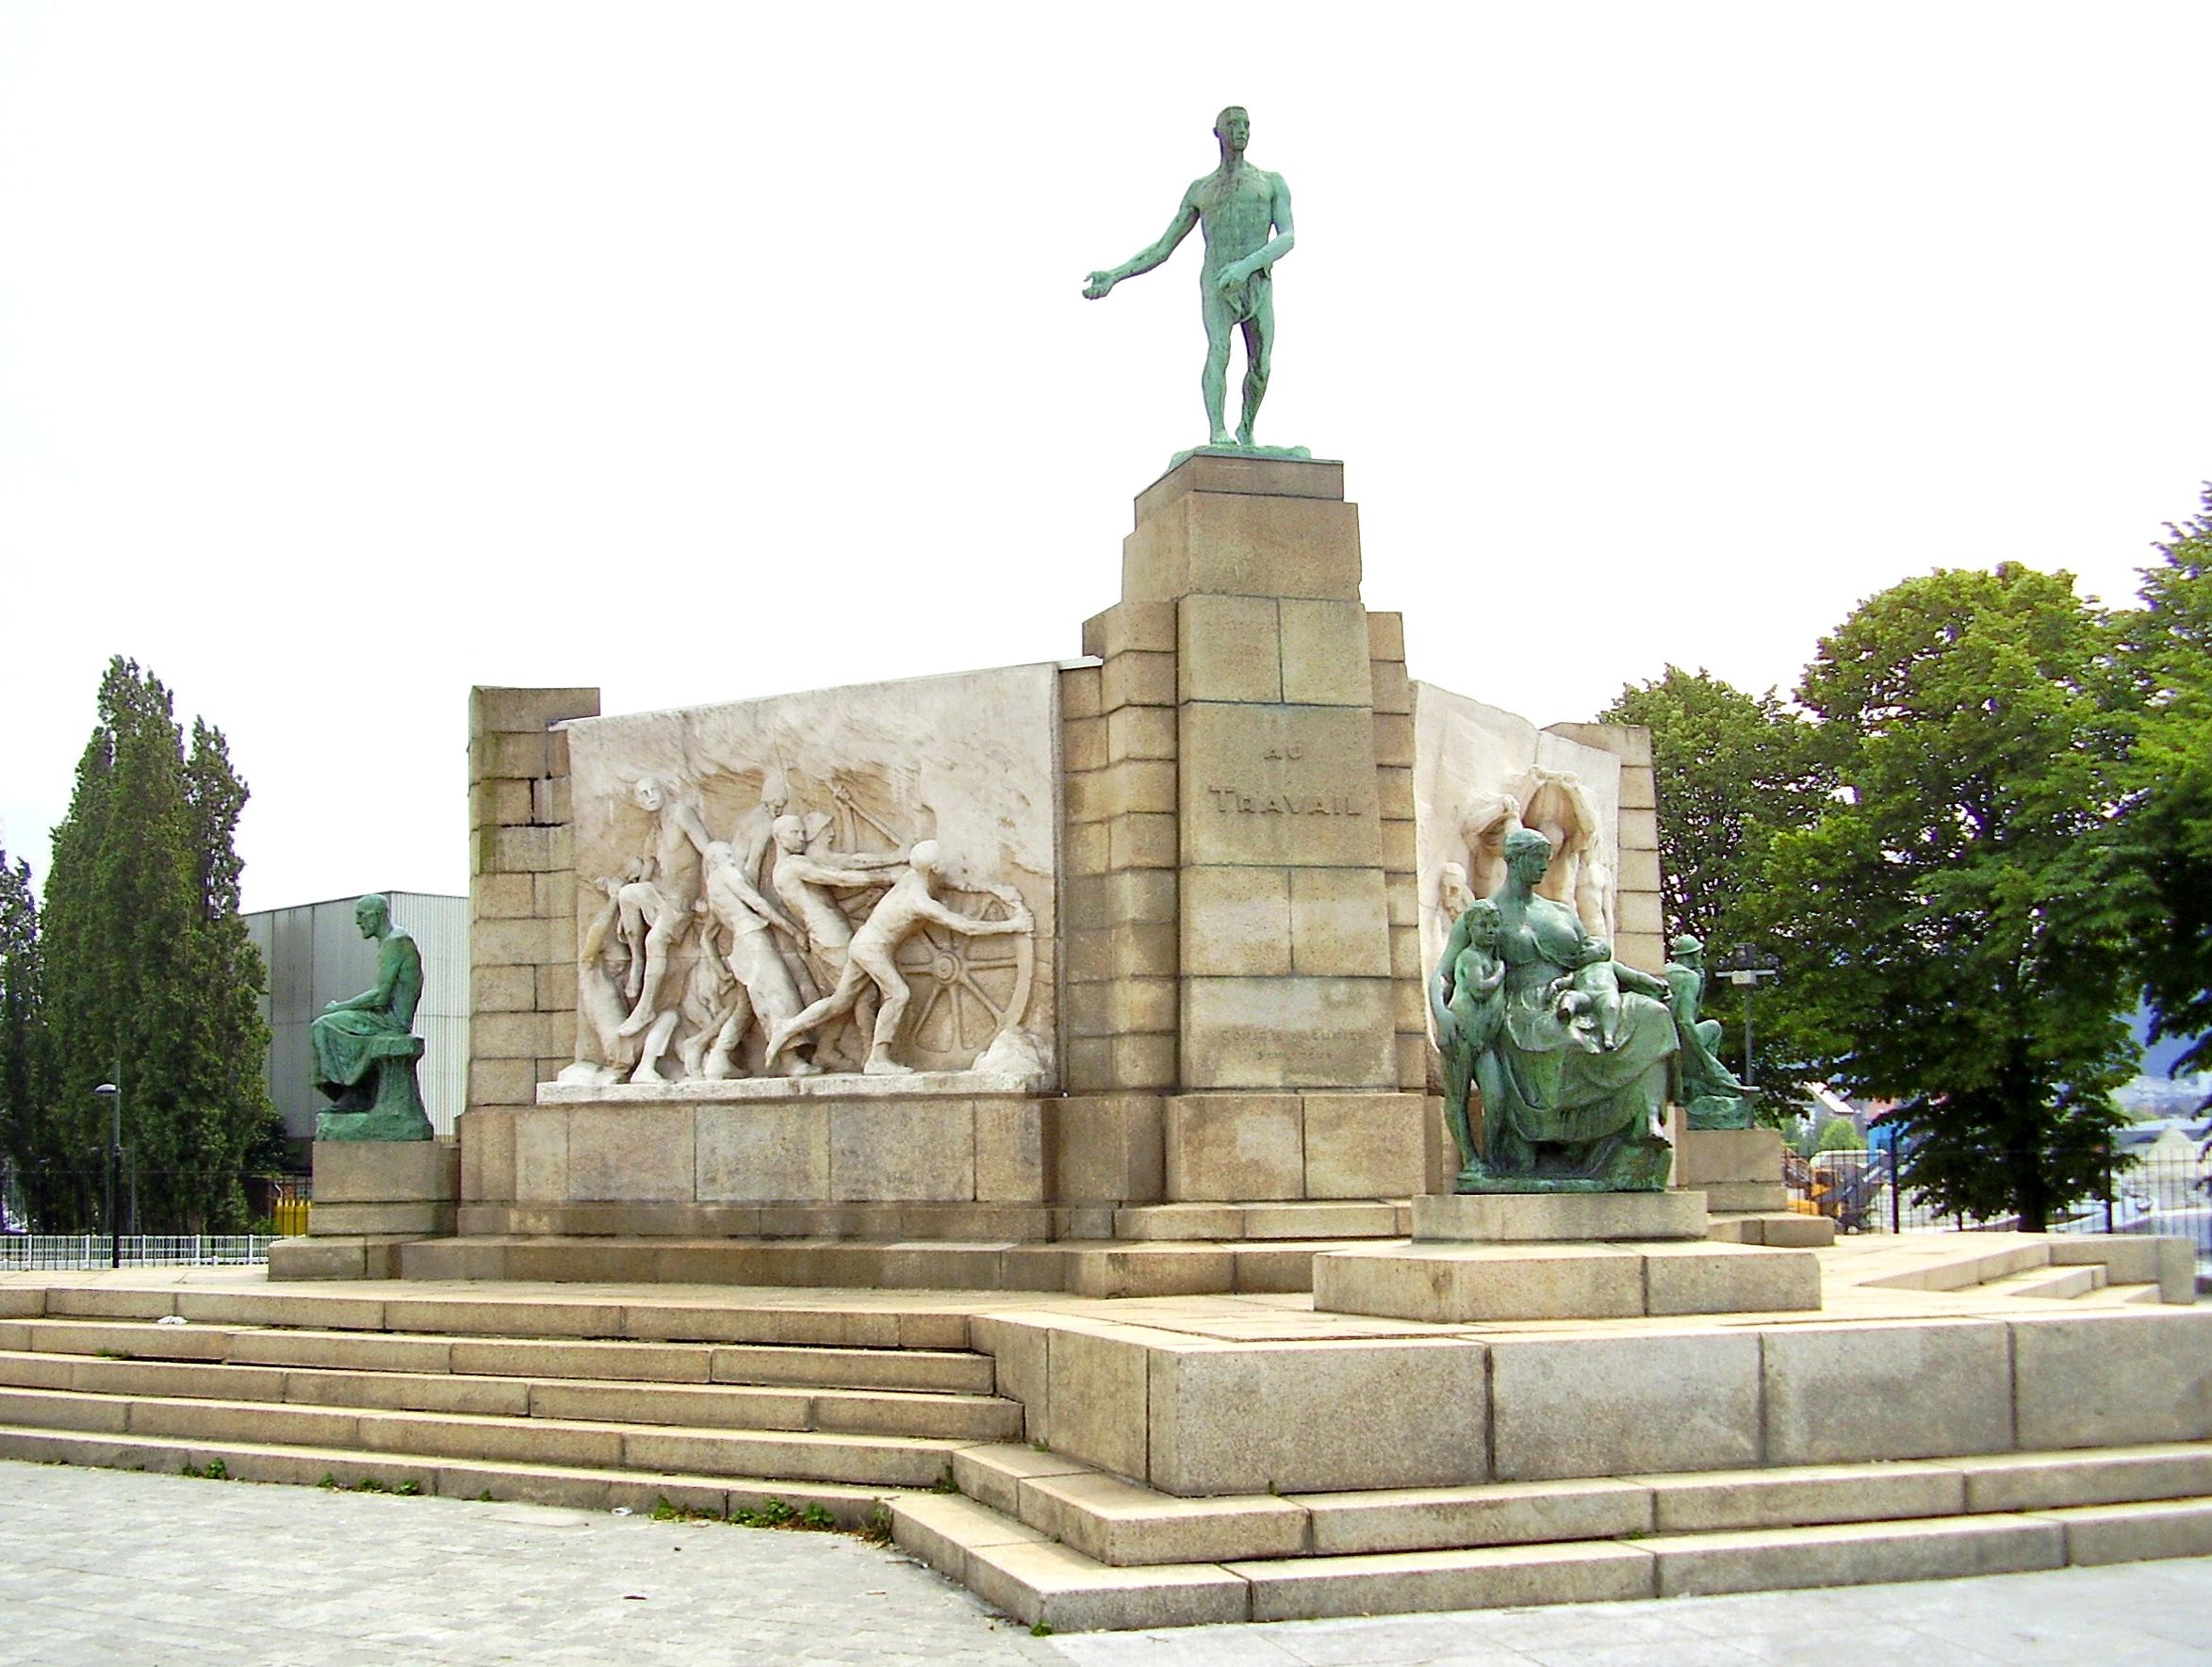 Depiction of Monumento al Trabajo